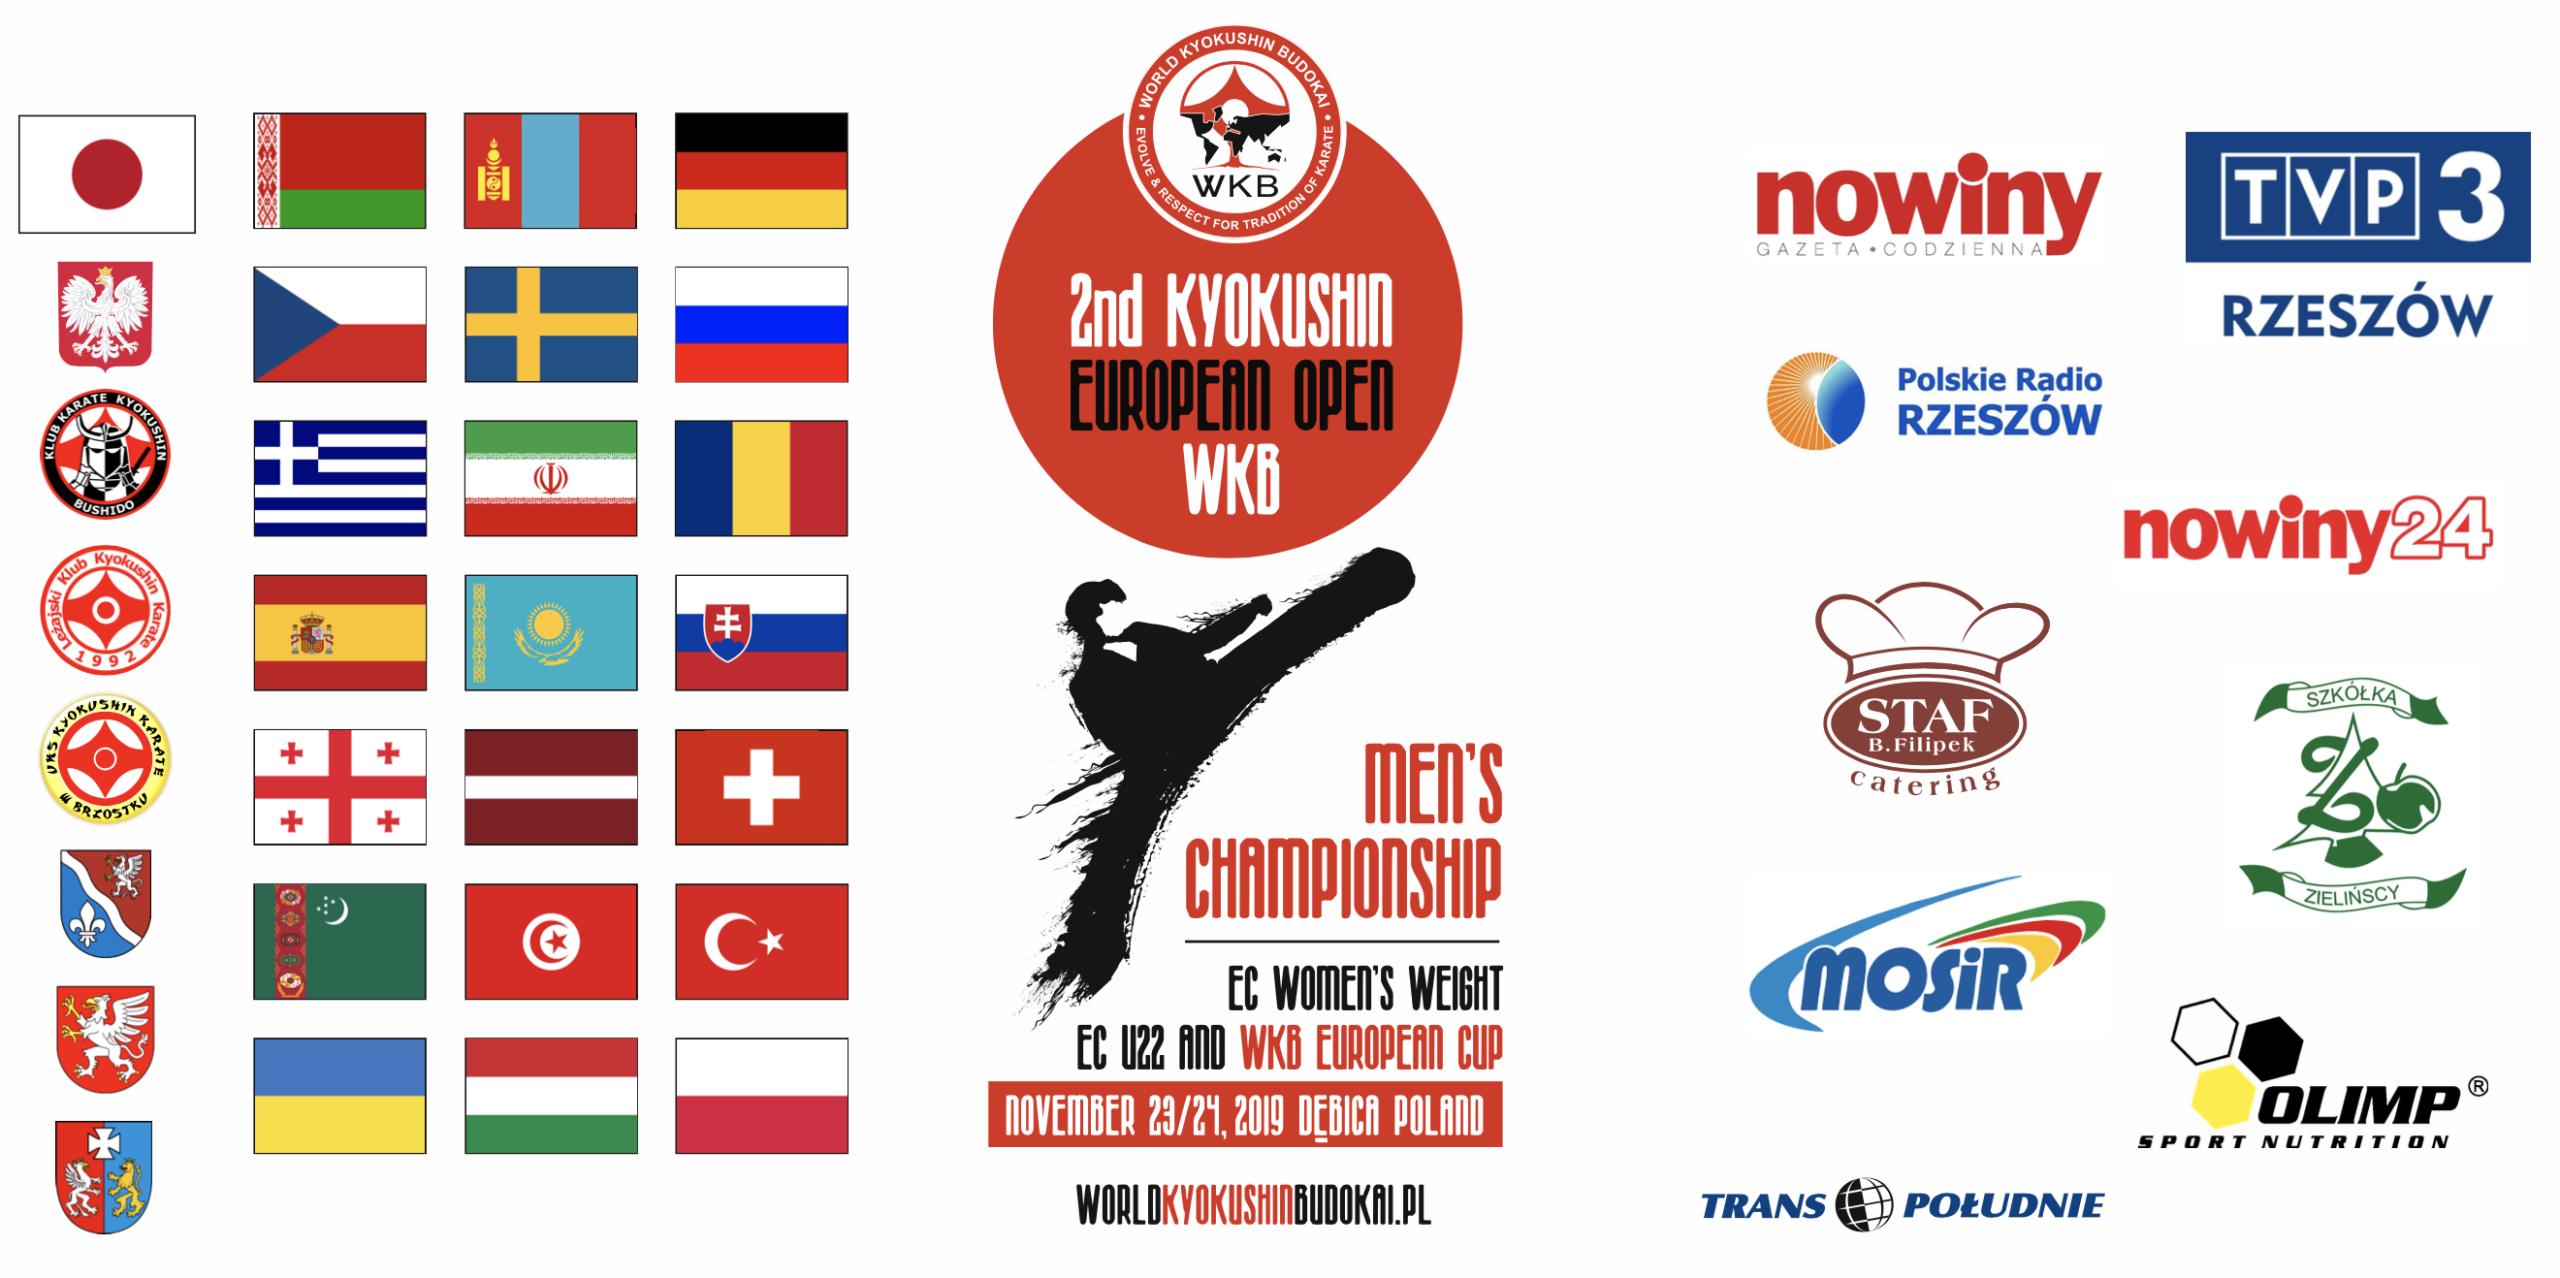 Zapraszamy do oglądania transmisji online z Mistrzostw Europy Open WKB